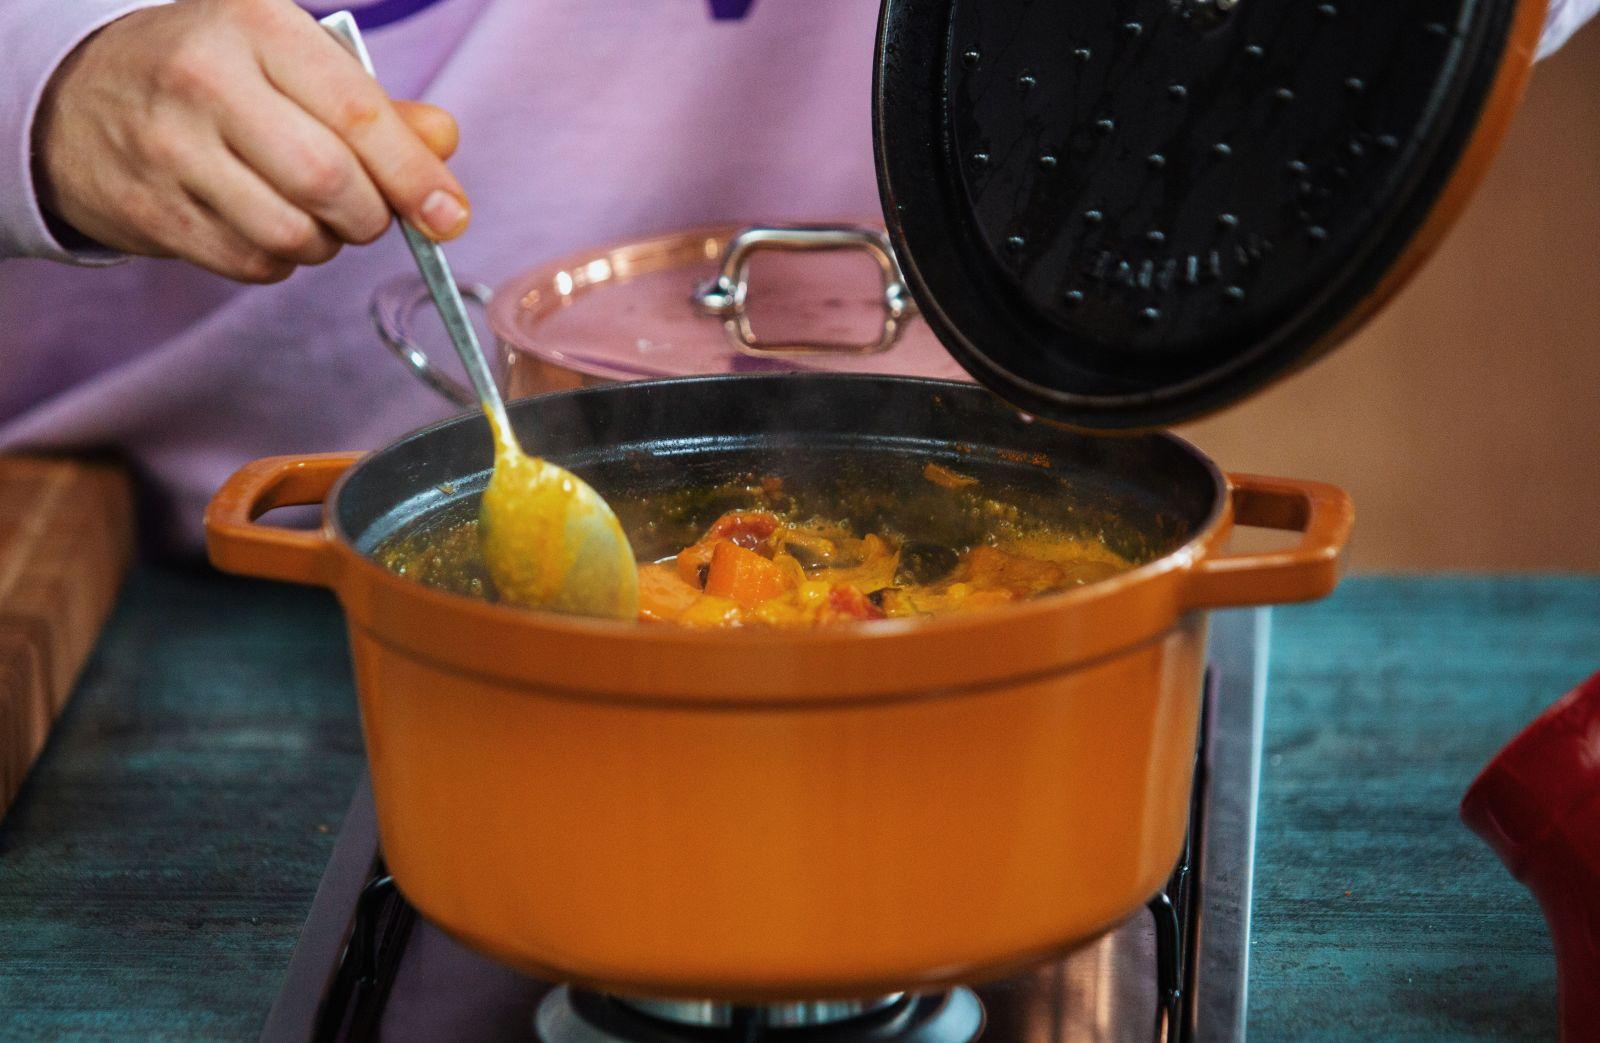 Čo variť, keď je väčšina prevádzok zatvorená? Šéfkuchár Tomášom Valkovič má pre teba tip